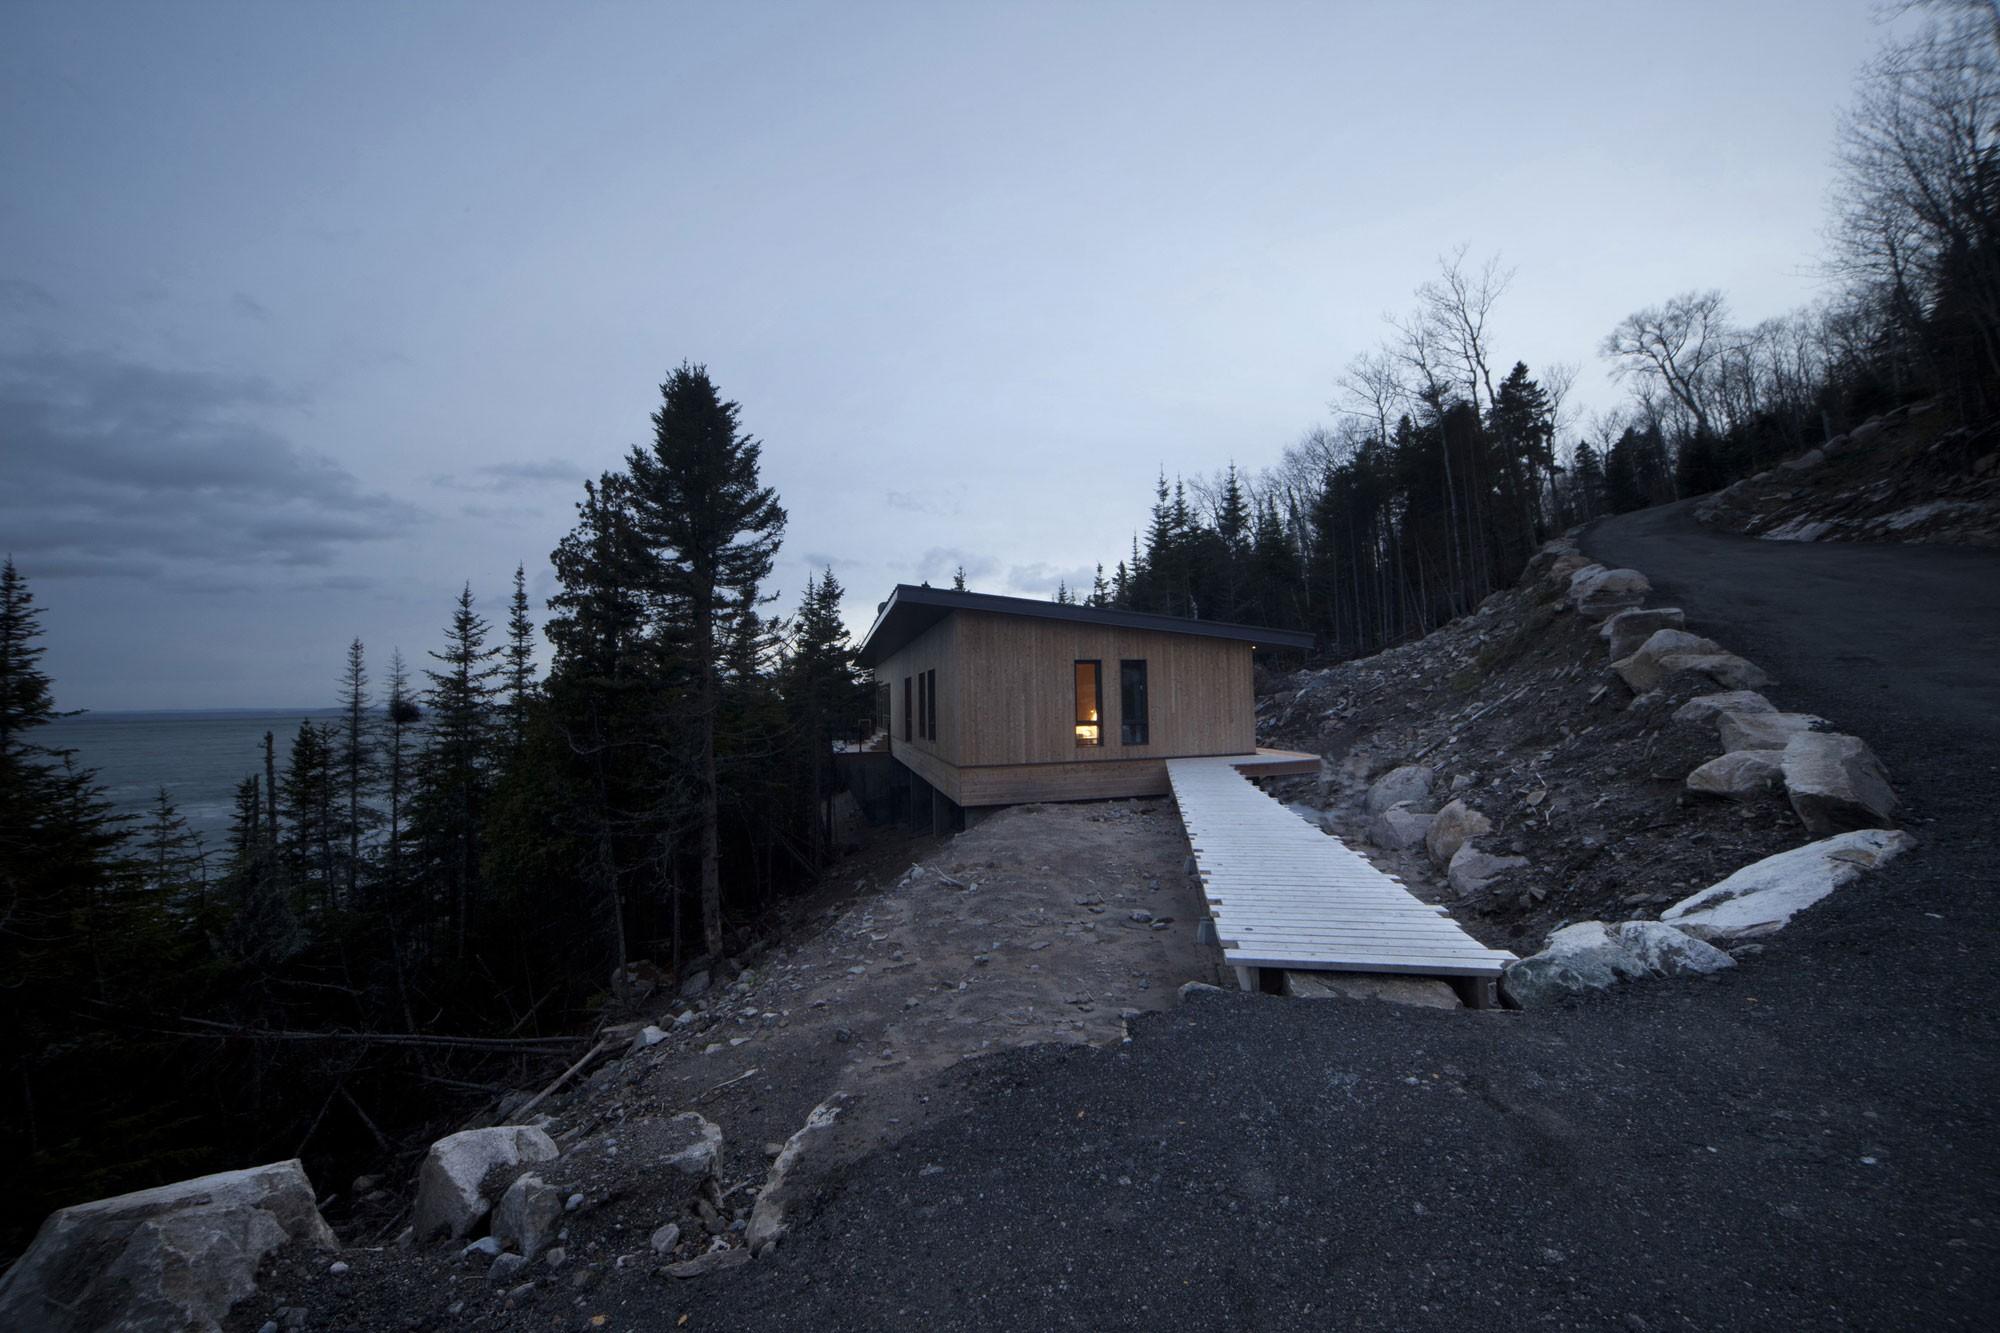 Шале на скалах в Сен-Симеоне, Канада